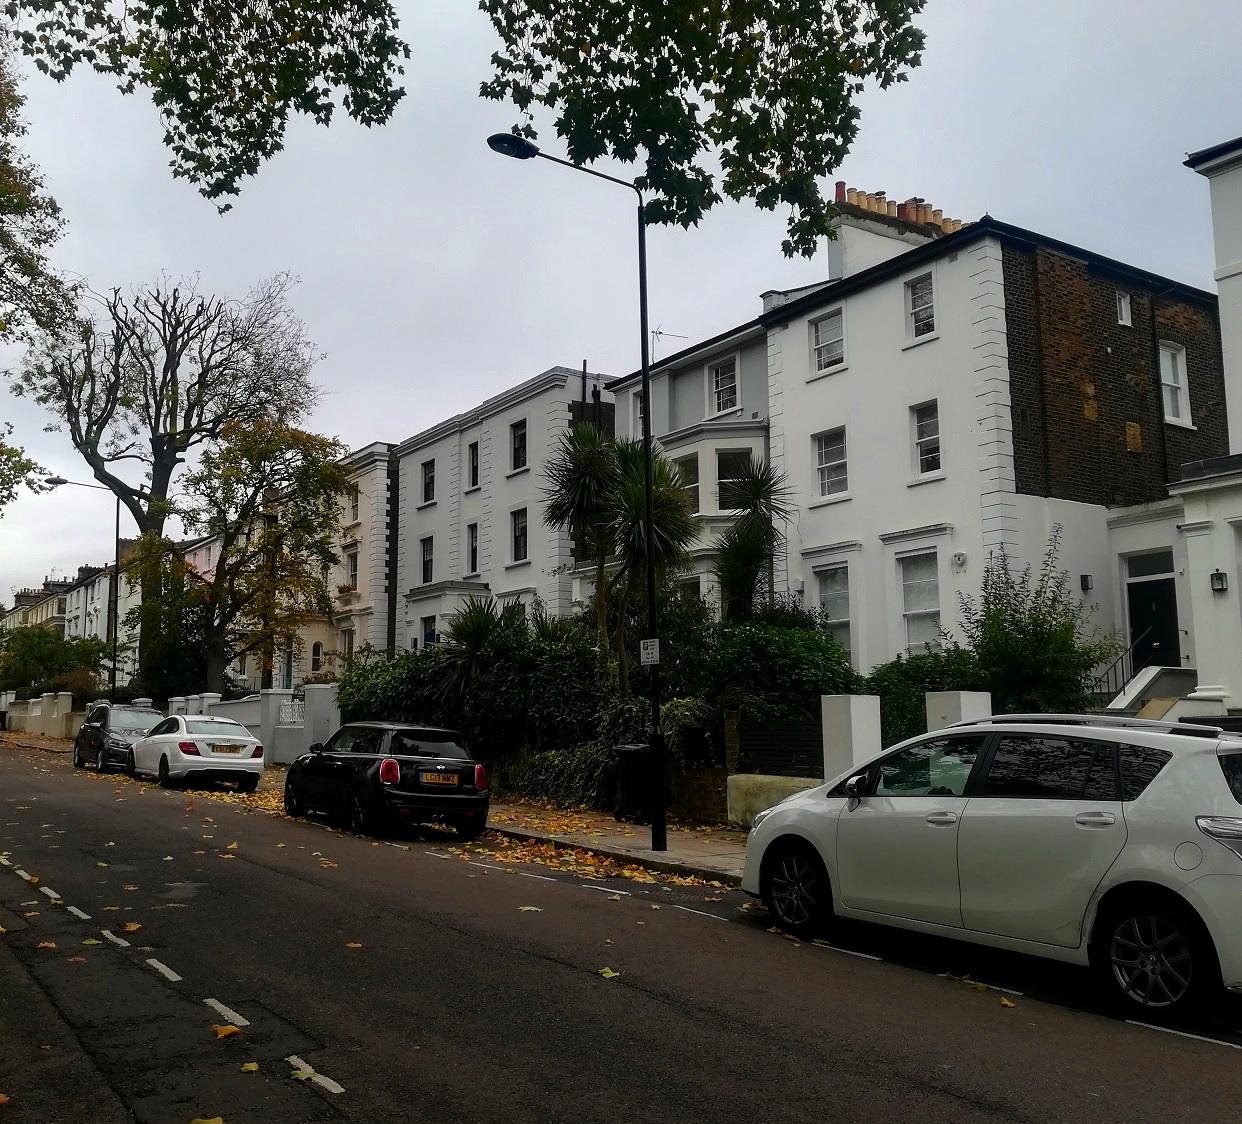 Za co kocham Londyn? 10 powodów do tego, aby zwiedzić Londyn. notting hill